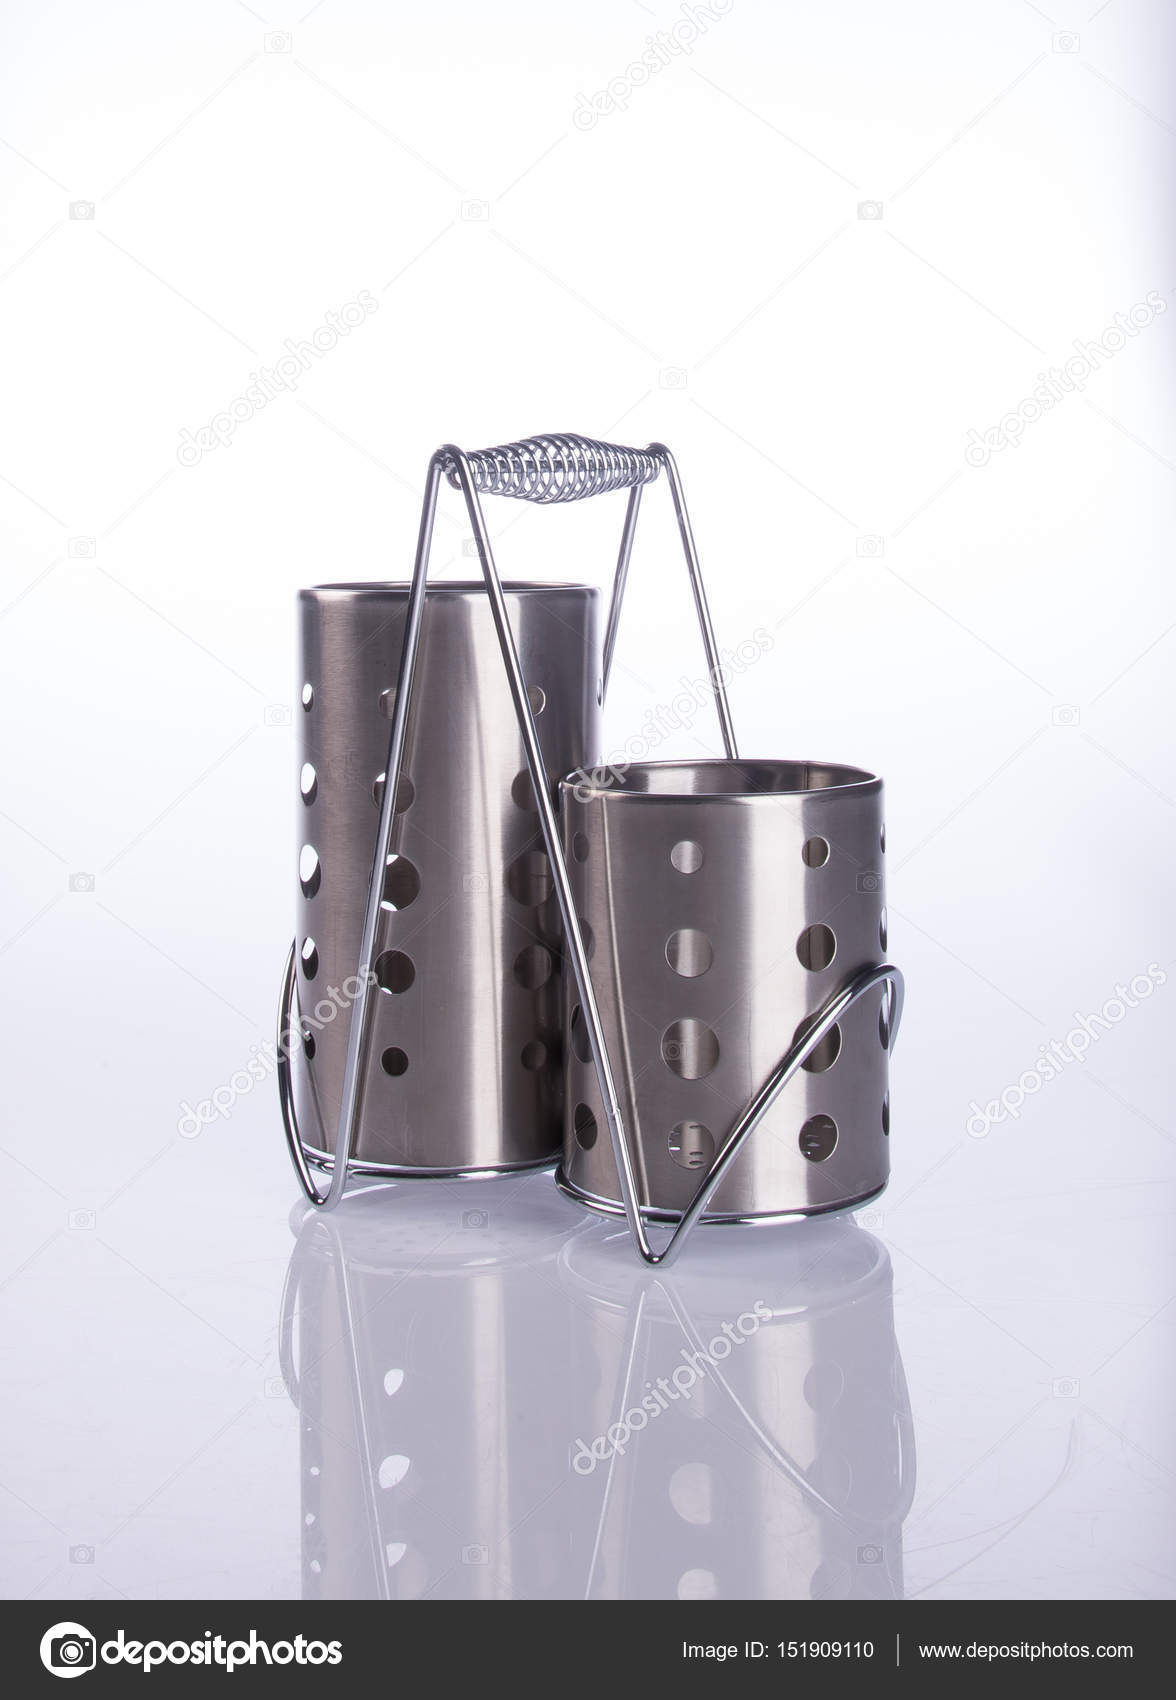 Porte ustensiles de cuisine sur fond photographie - Porte ustensiles de cuisine ...